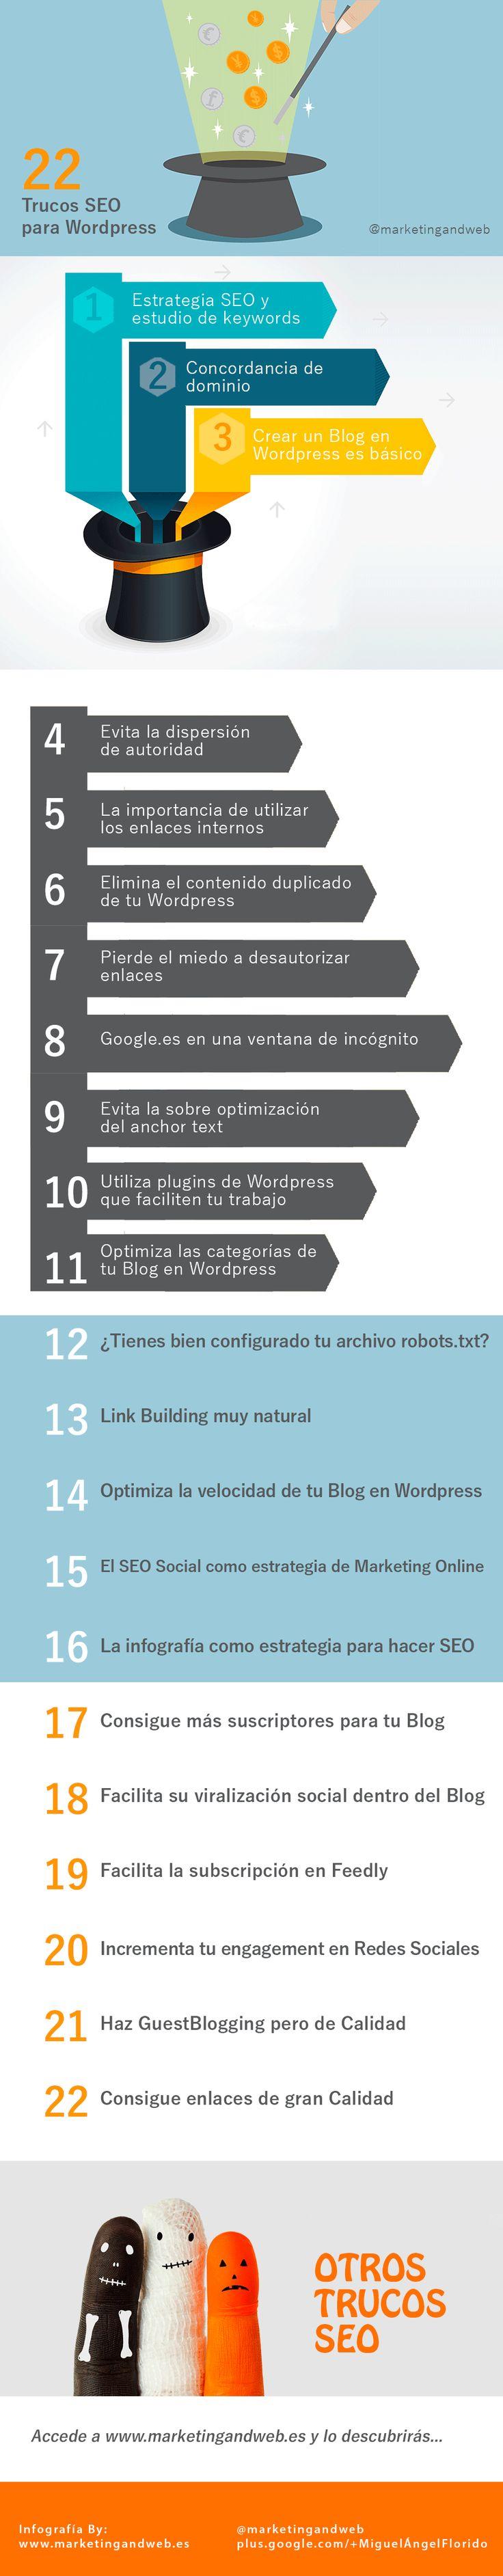 Infografía con 22 trucos seo para Wordpress en 2014  #SEO #wordpress #SocialMedia #SM #posicionamientoweb